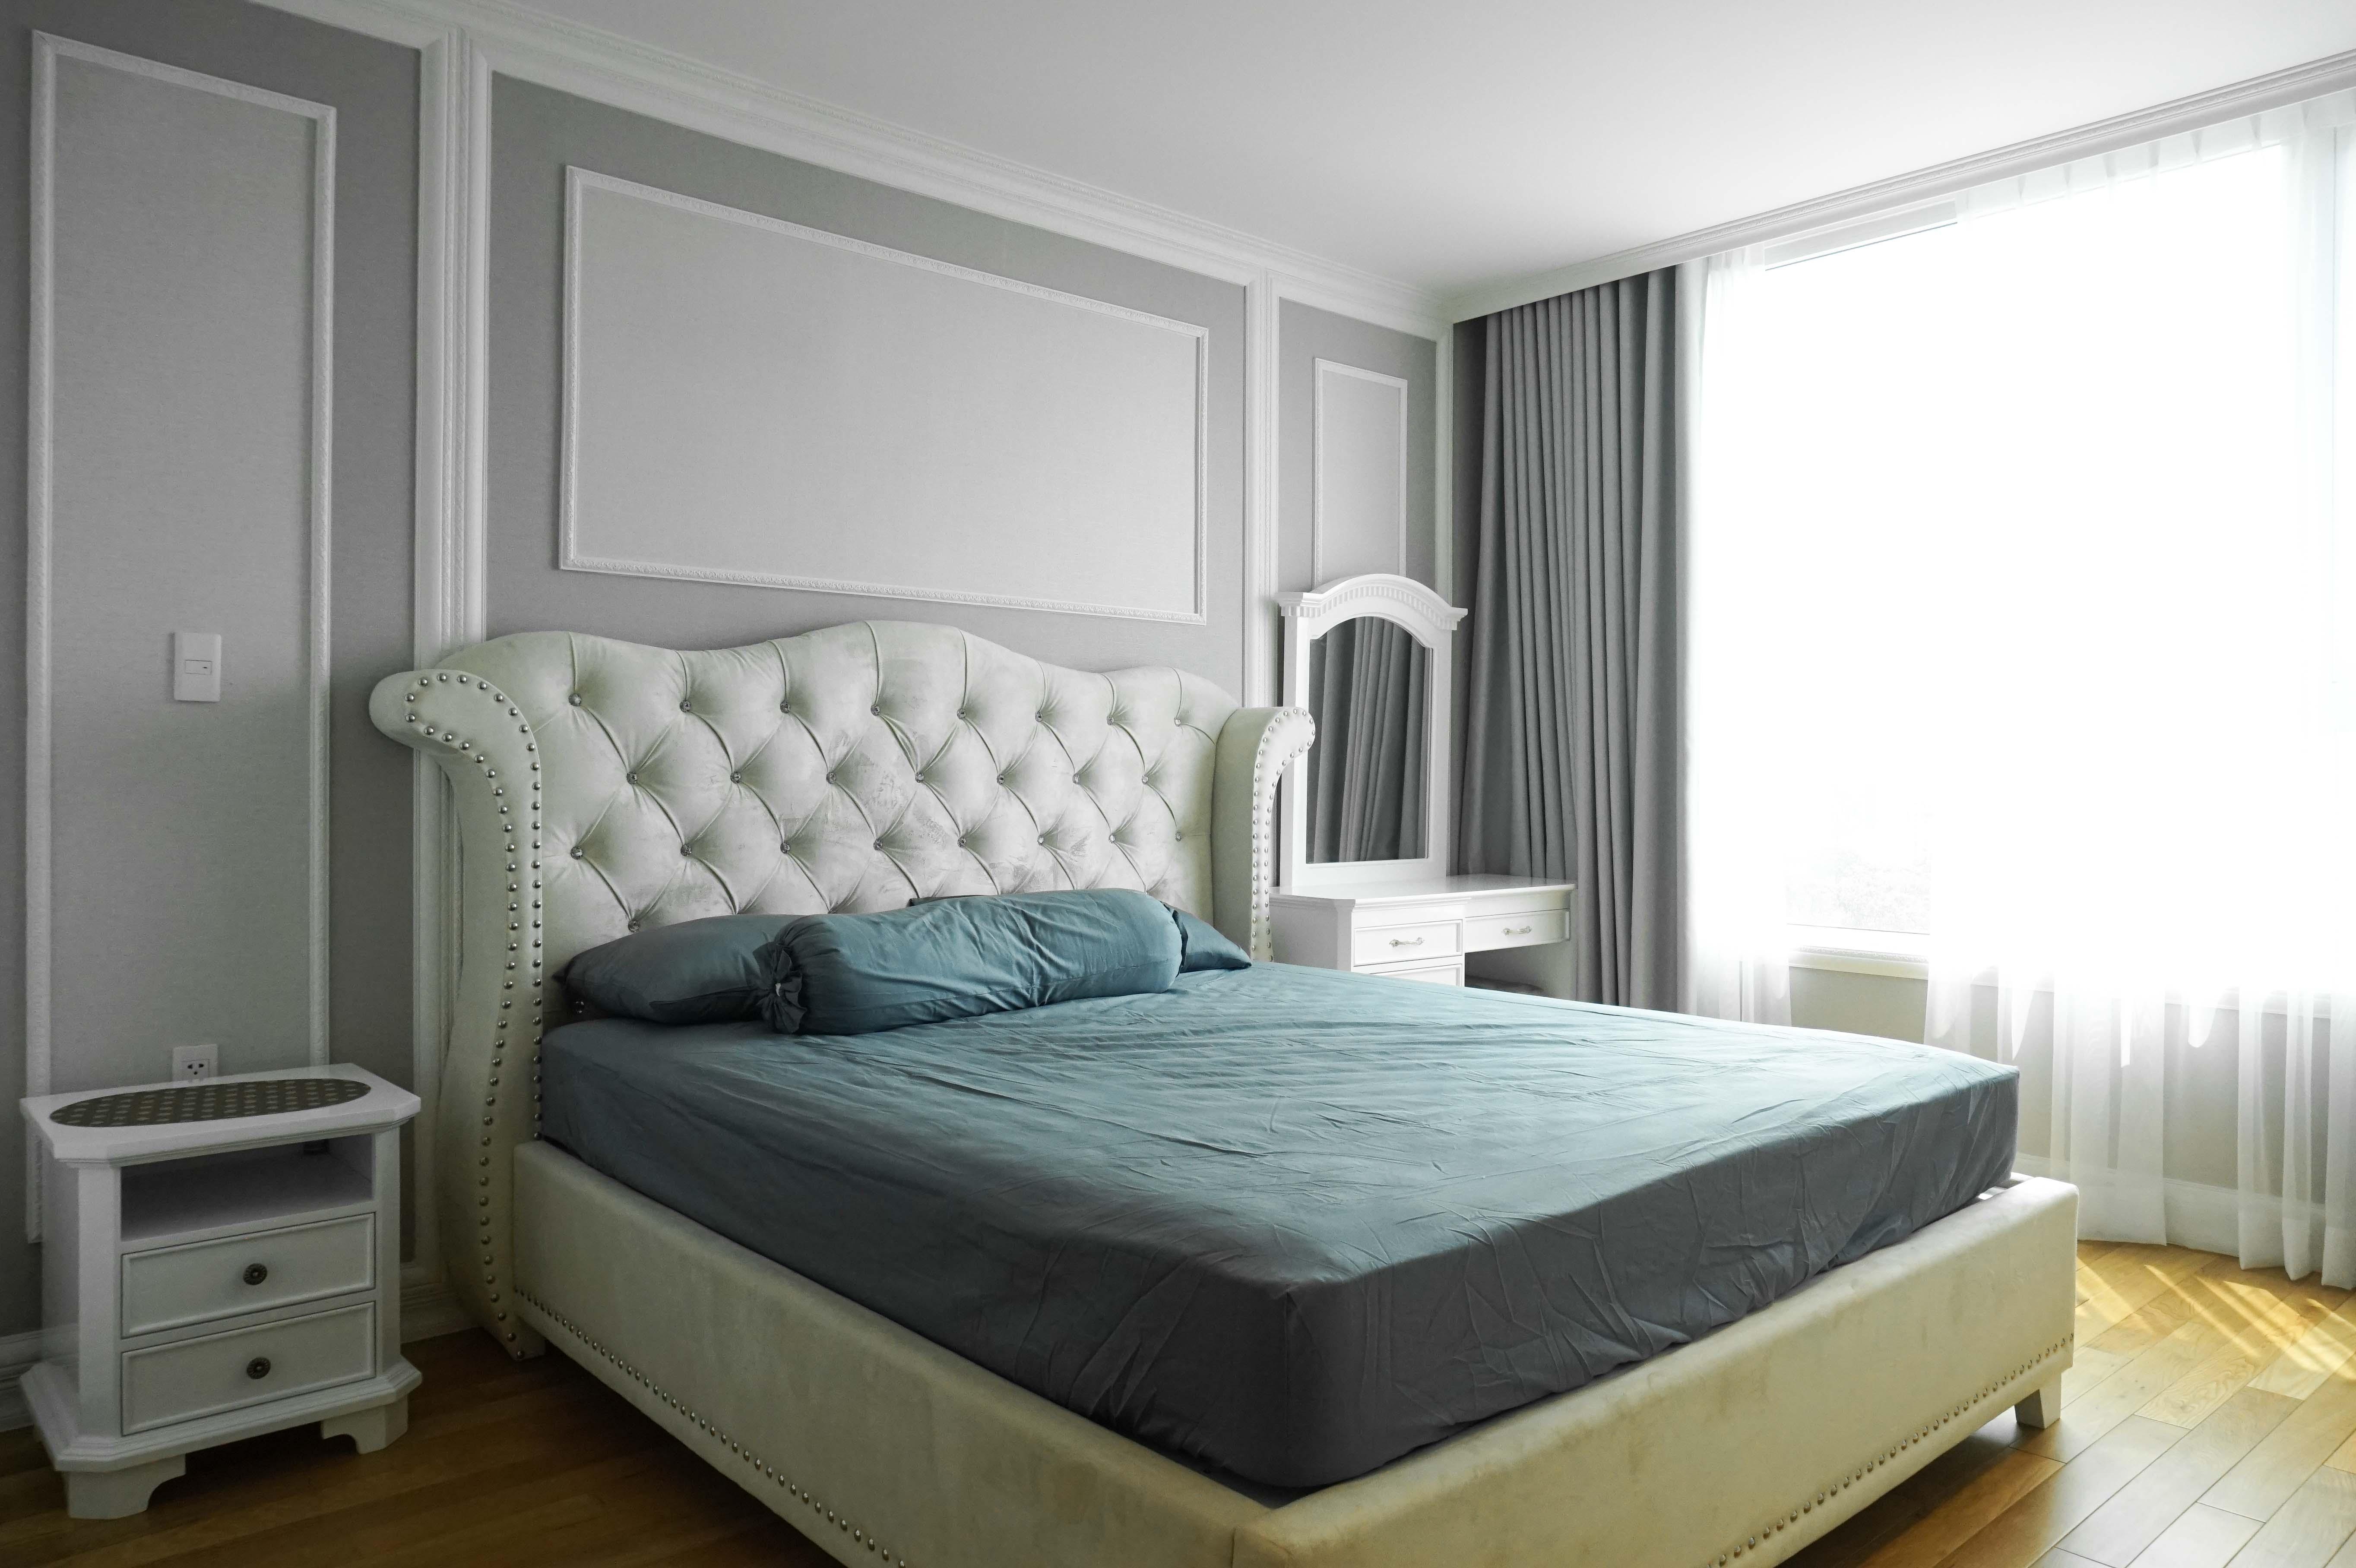 Căn hộ 2 PN Léman Luxury - Đầy Đủ Nội Thất - Căn Hộ Duyên Dáng Và Đầy Đủ Tiện Nghi-1